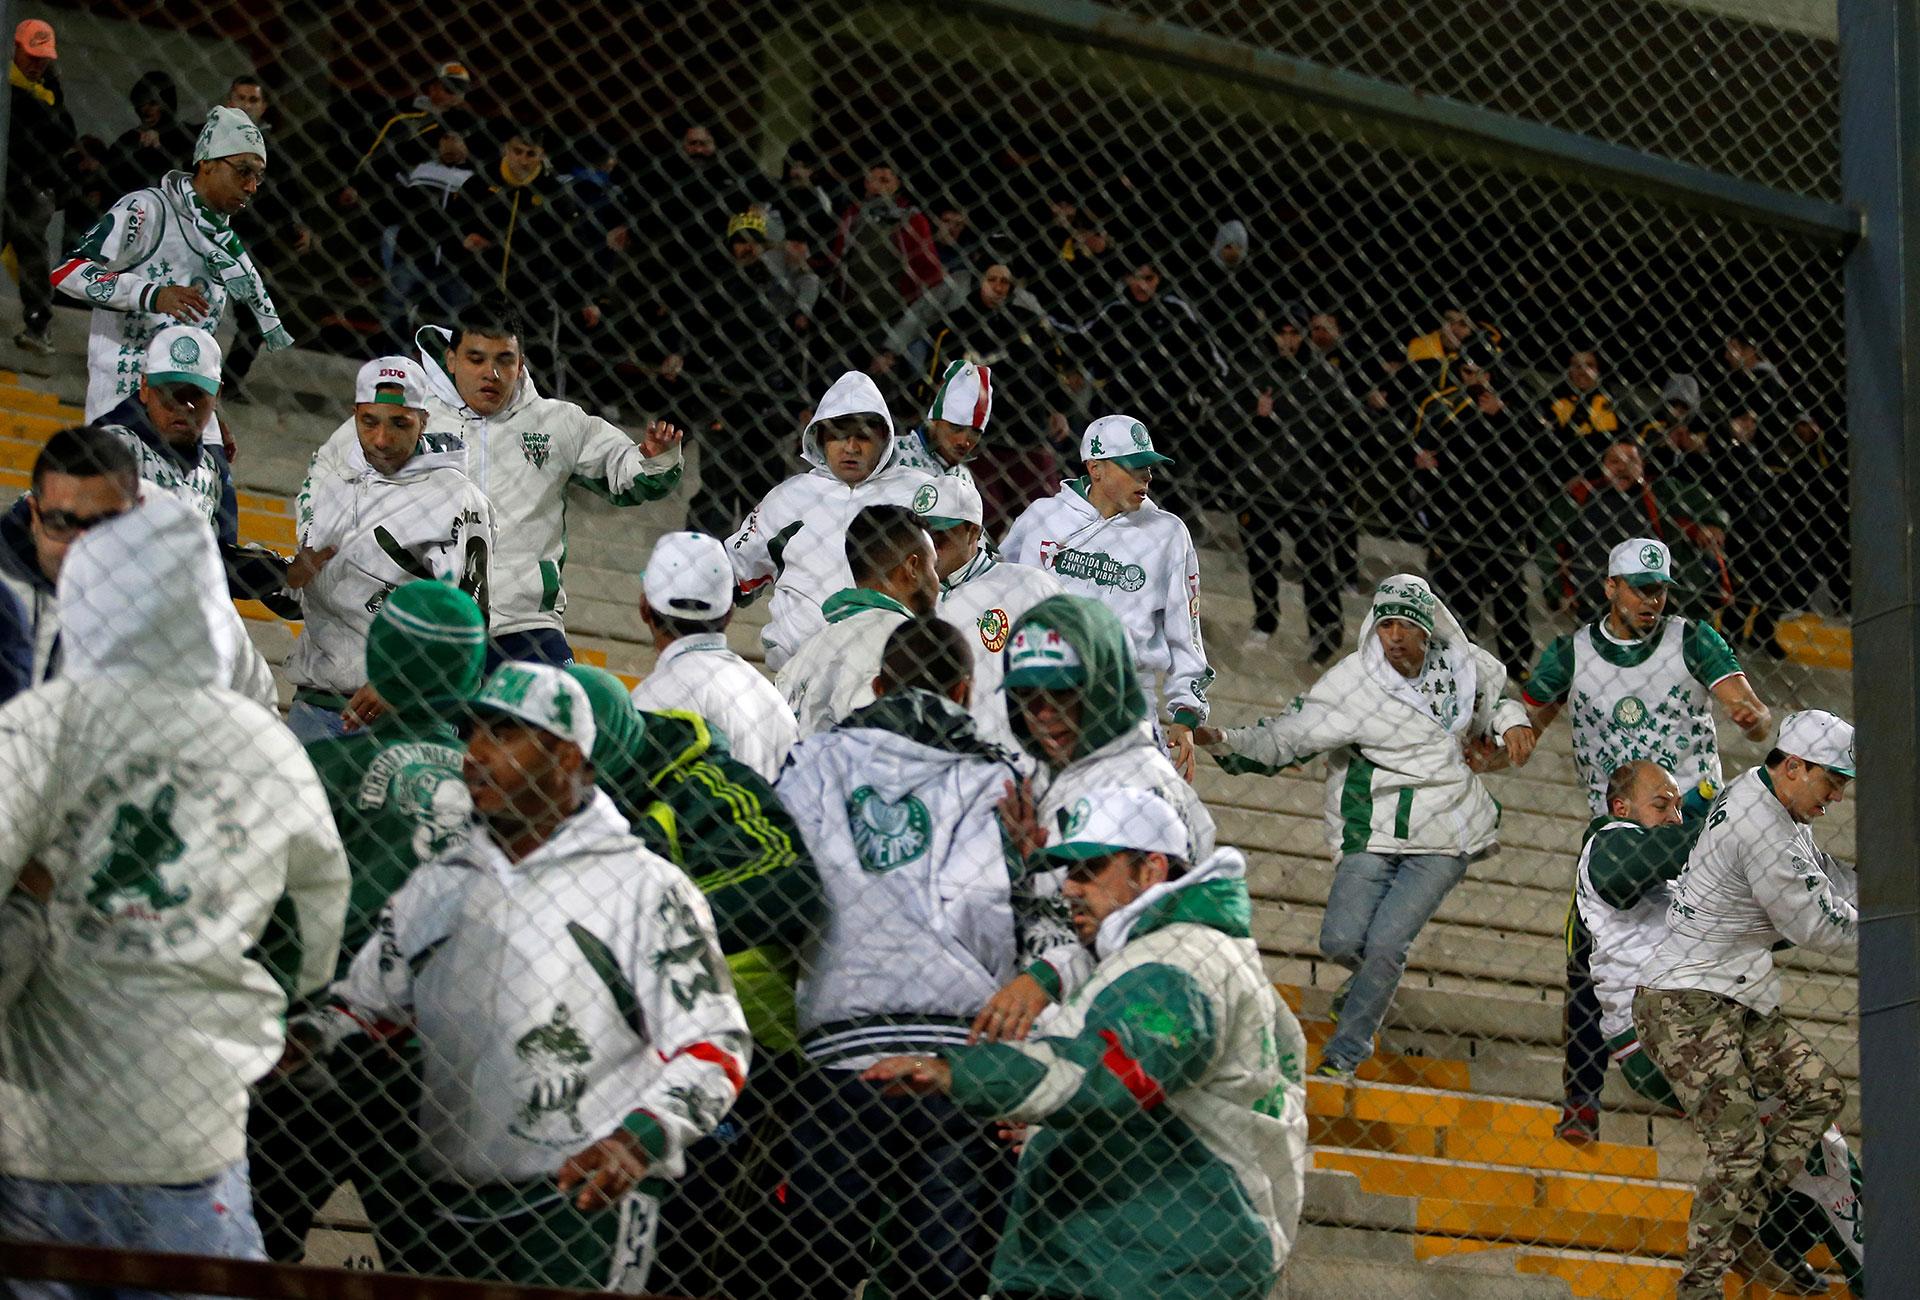 Luego, la tensión llegó a las gradas, donde hinchas del Palmeiras se enfrentaron con la Policía (Reuters)